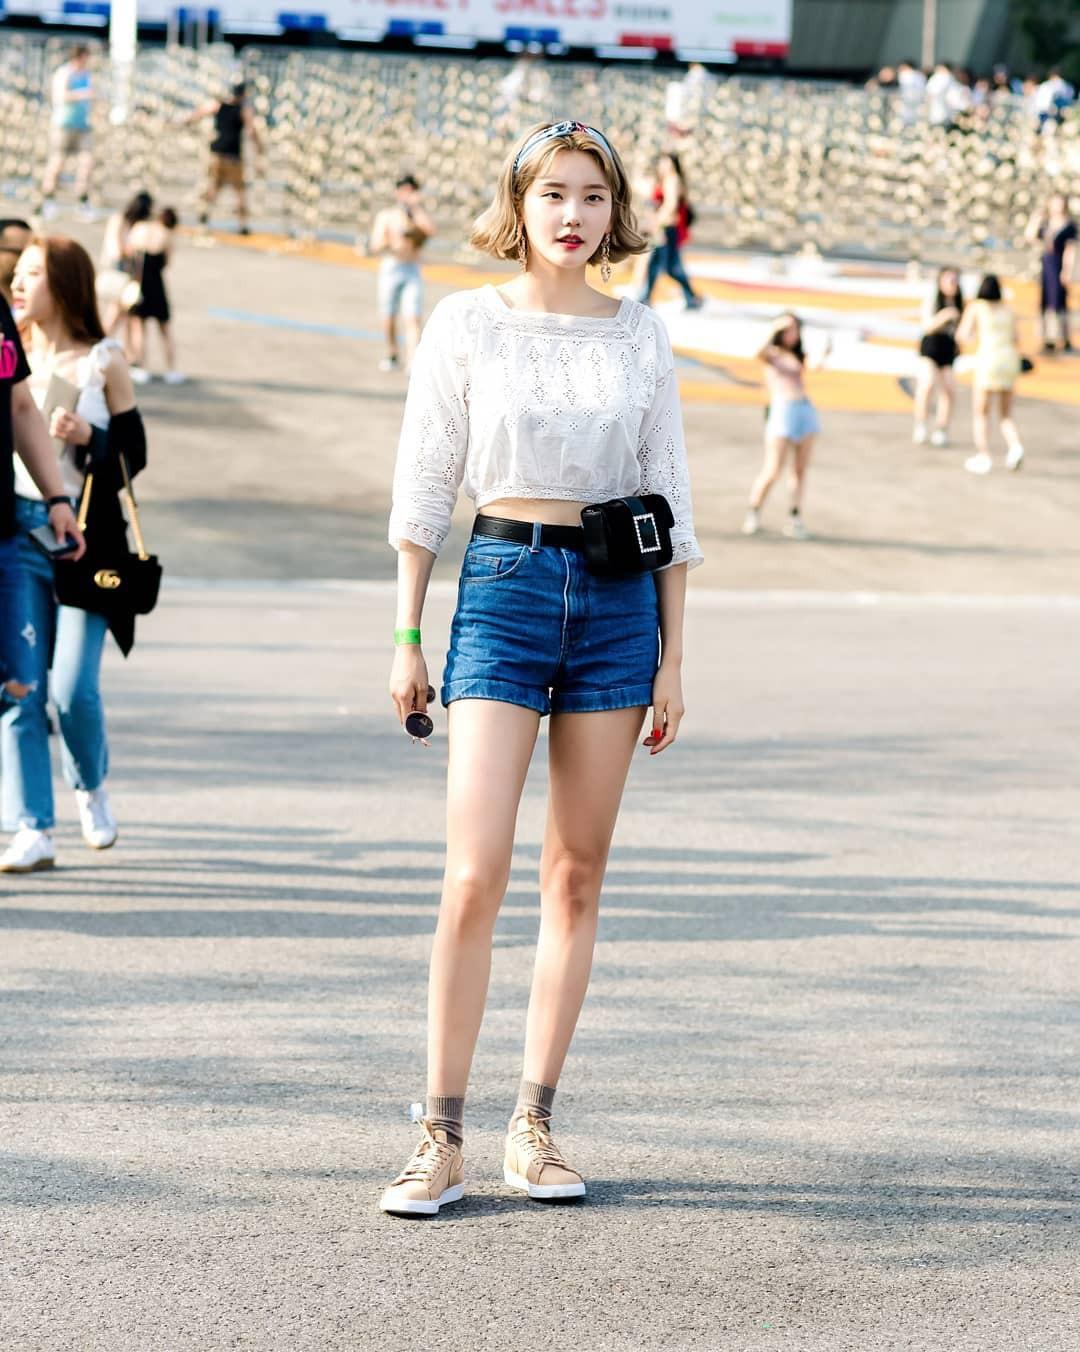 Chỉ quanh quẩn với vài công thức tầm thường mà giới trẻ Hàn vẫn gây xuýt xoa vì mặc quá đẹp - Ảnh 4.